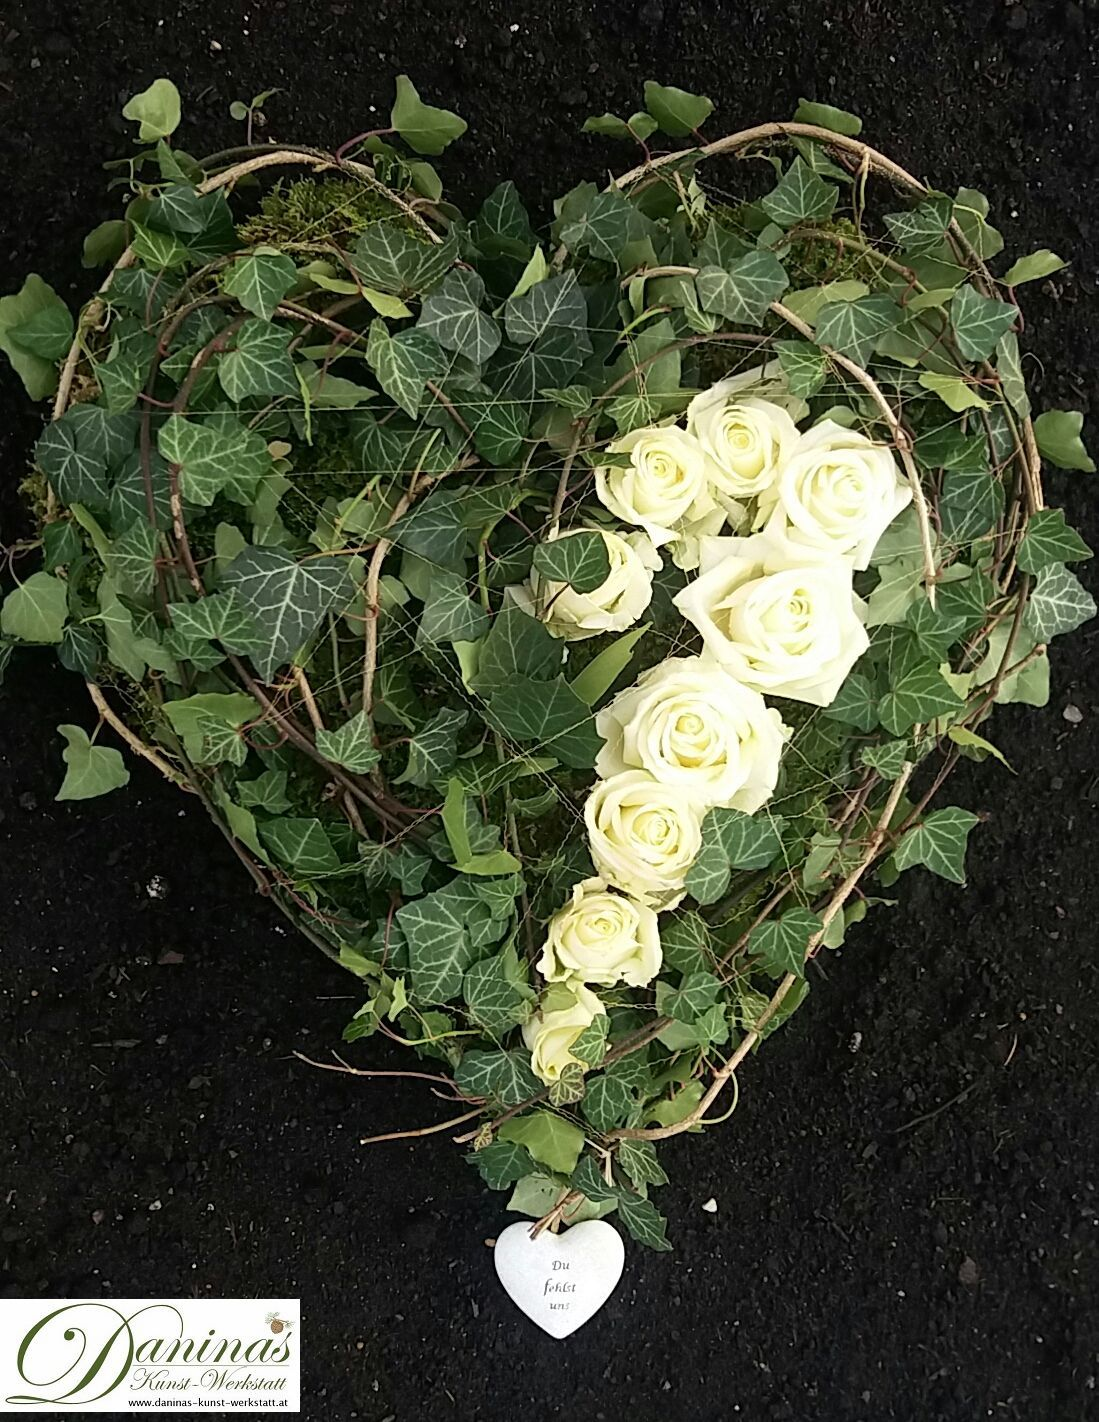 Grabgestaltung-selber-machen #friedhofsdekorationenallerheiligen